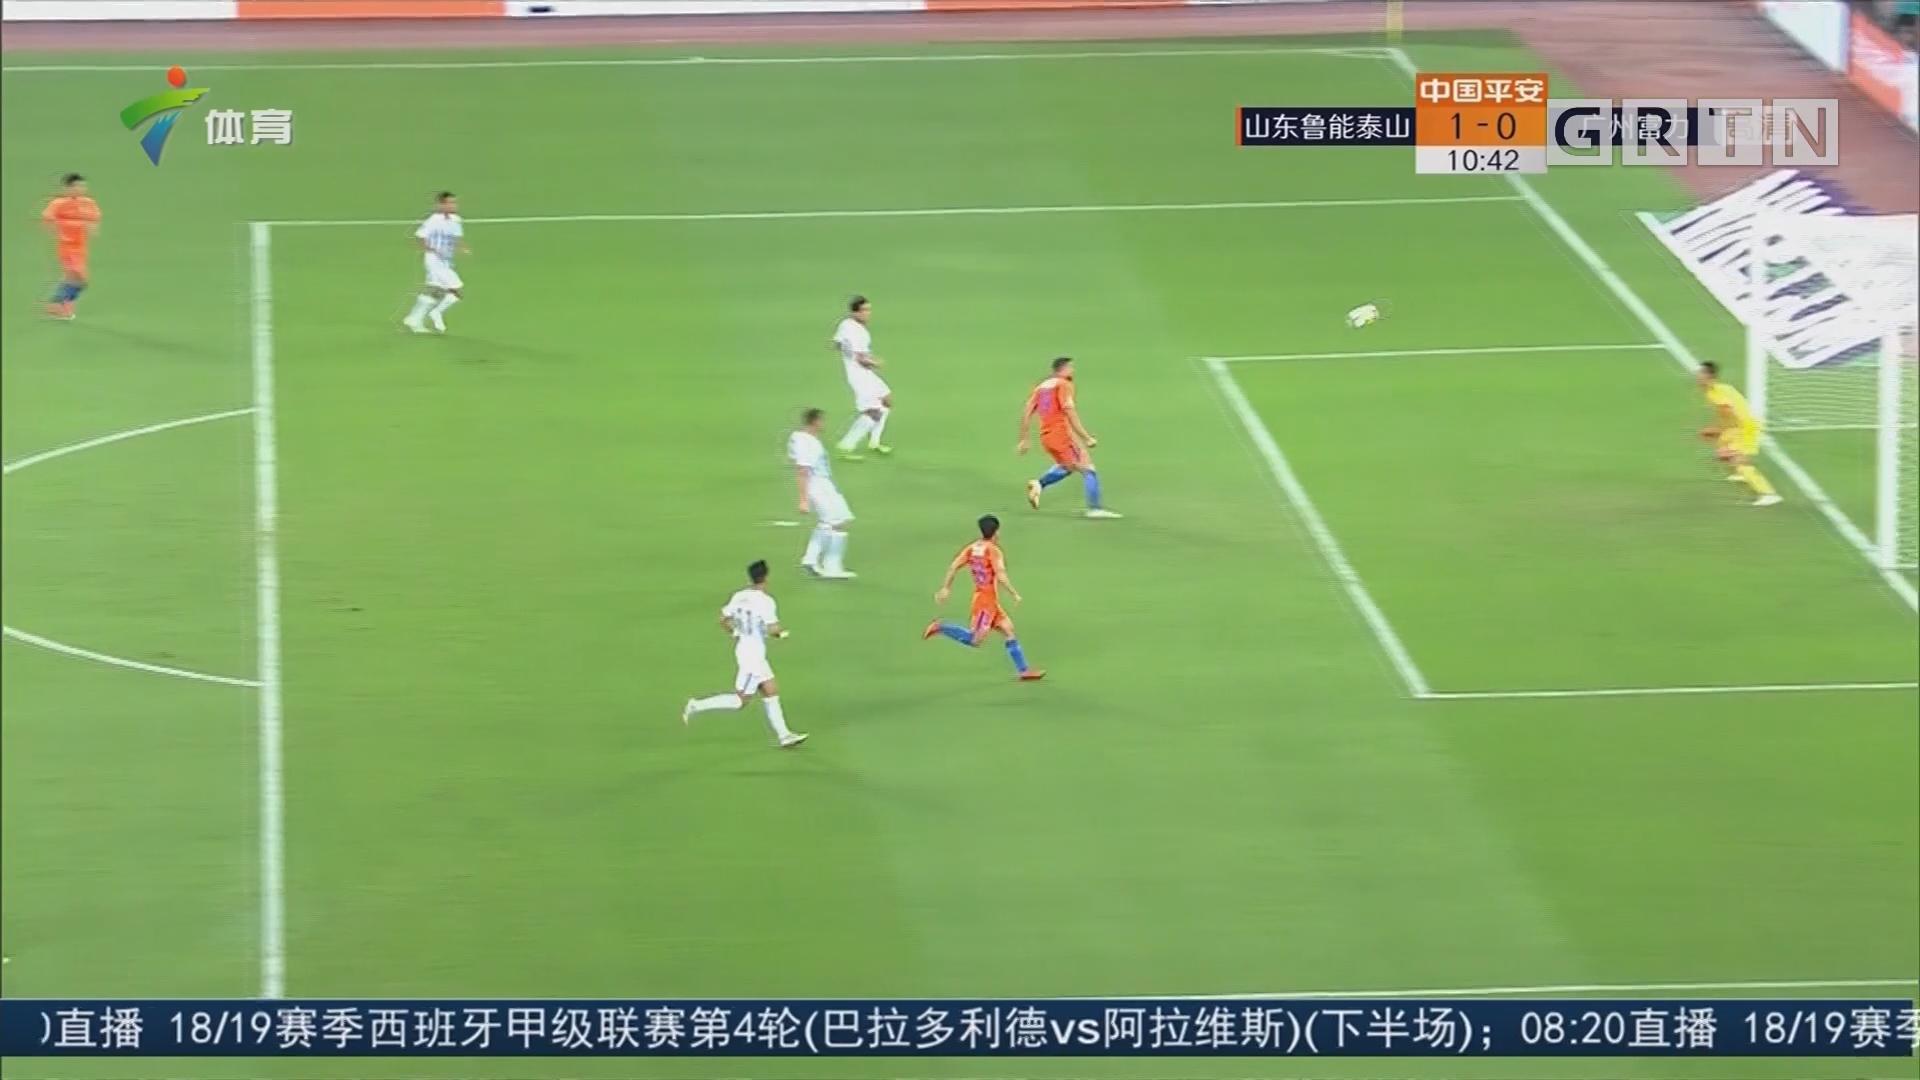 广州富力VS山东鲁能——陈凯冬